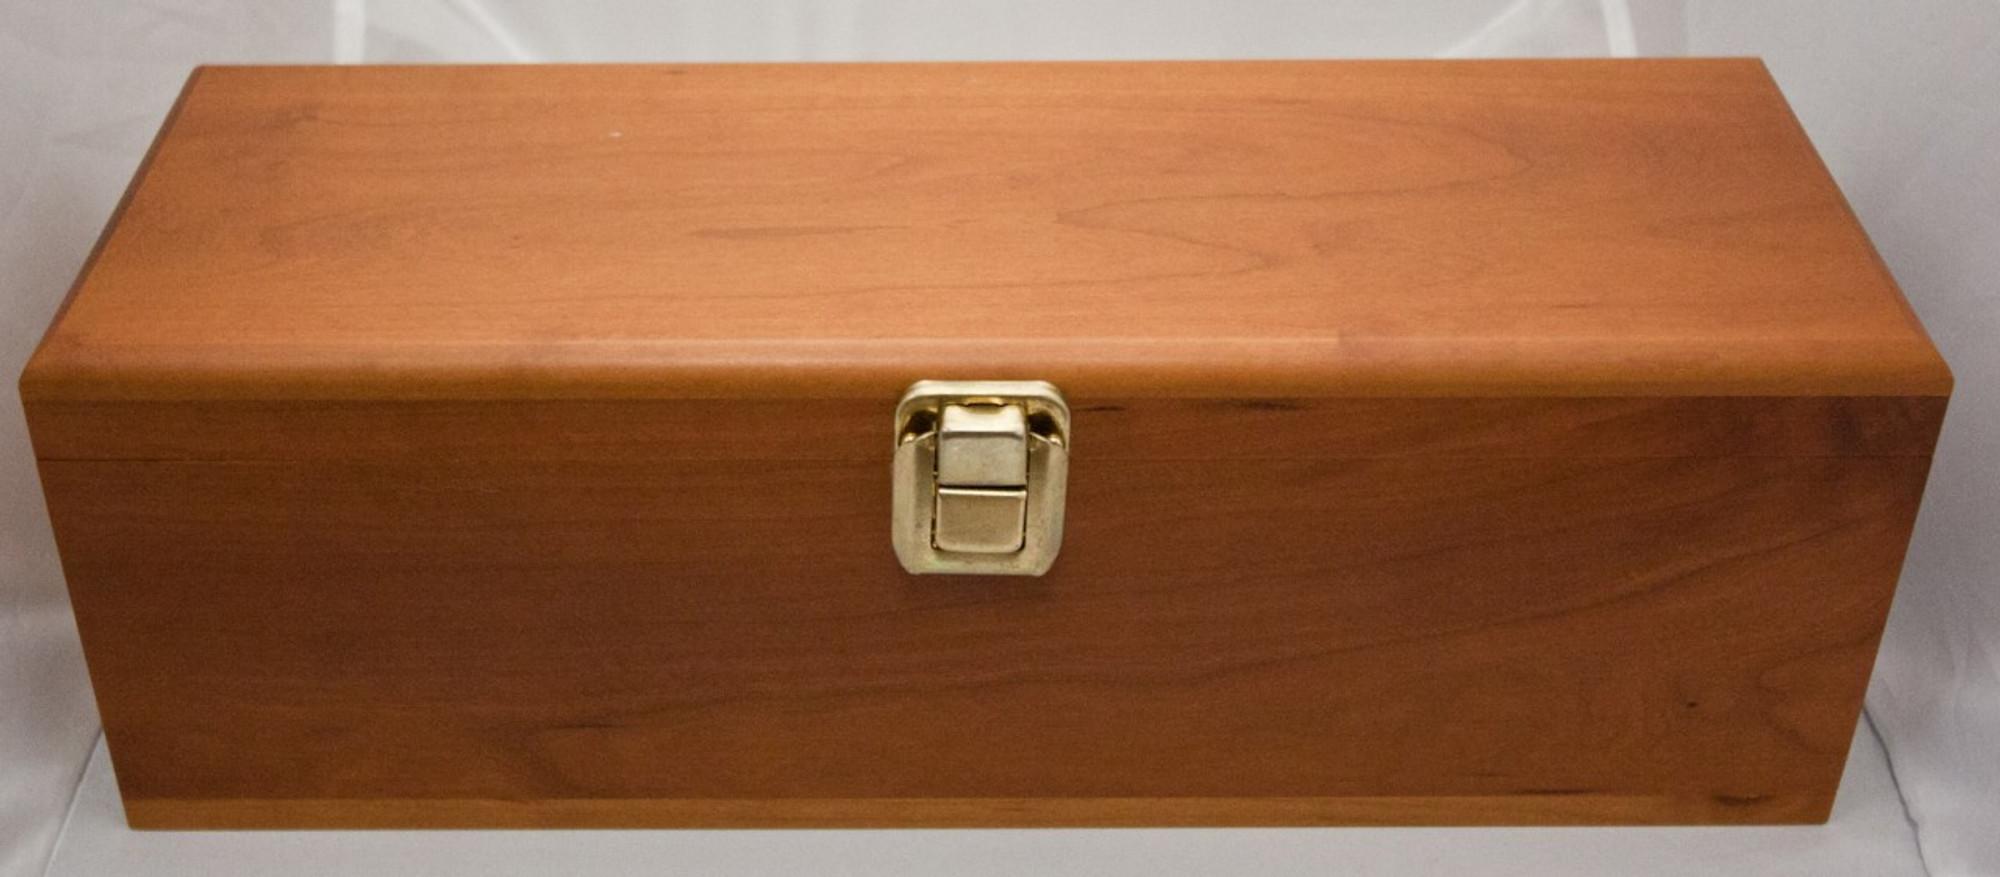 Personalized Wood Wine Box